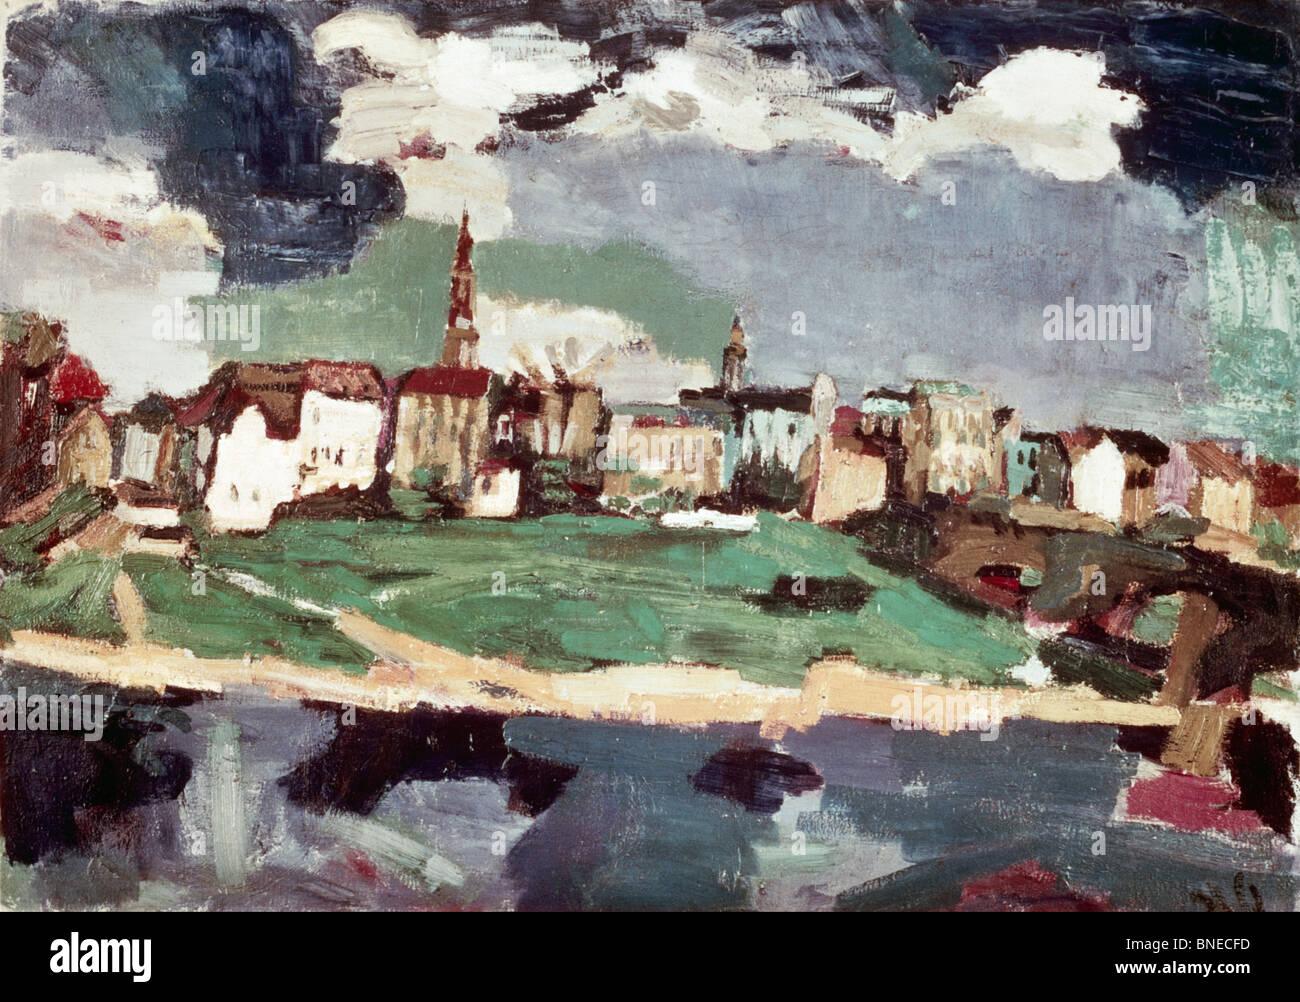 New City Of Dresden Iii By Oskar Kokoschka 1886 1980